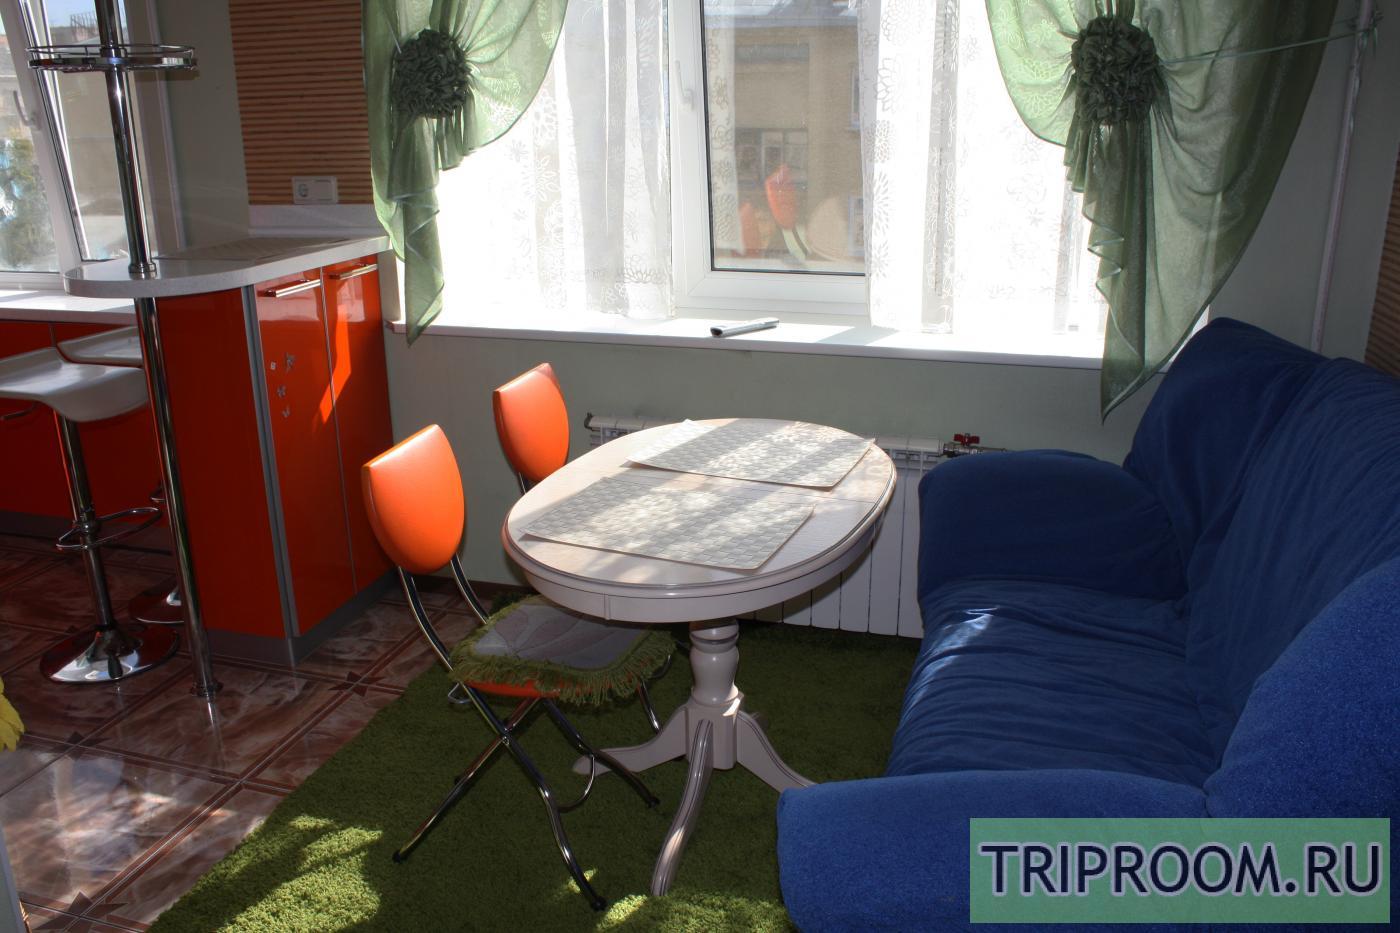 2-комнатная квартира посуточно (вариант № 16268), ул. Лесной проспект, фото № 10